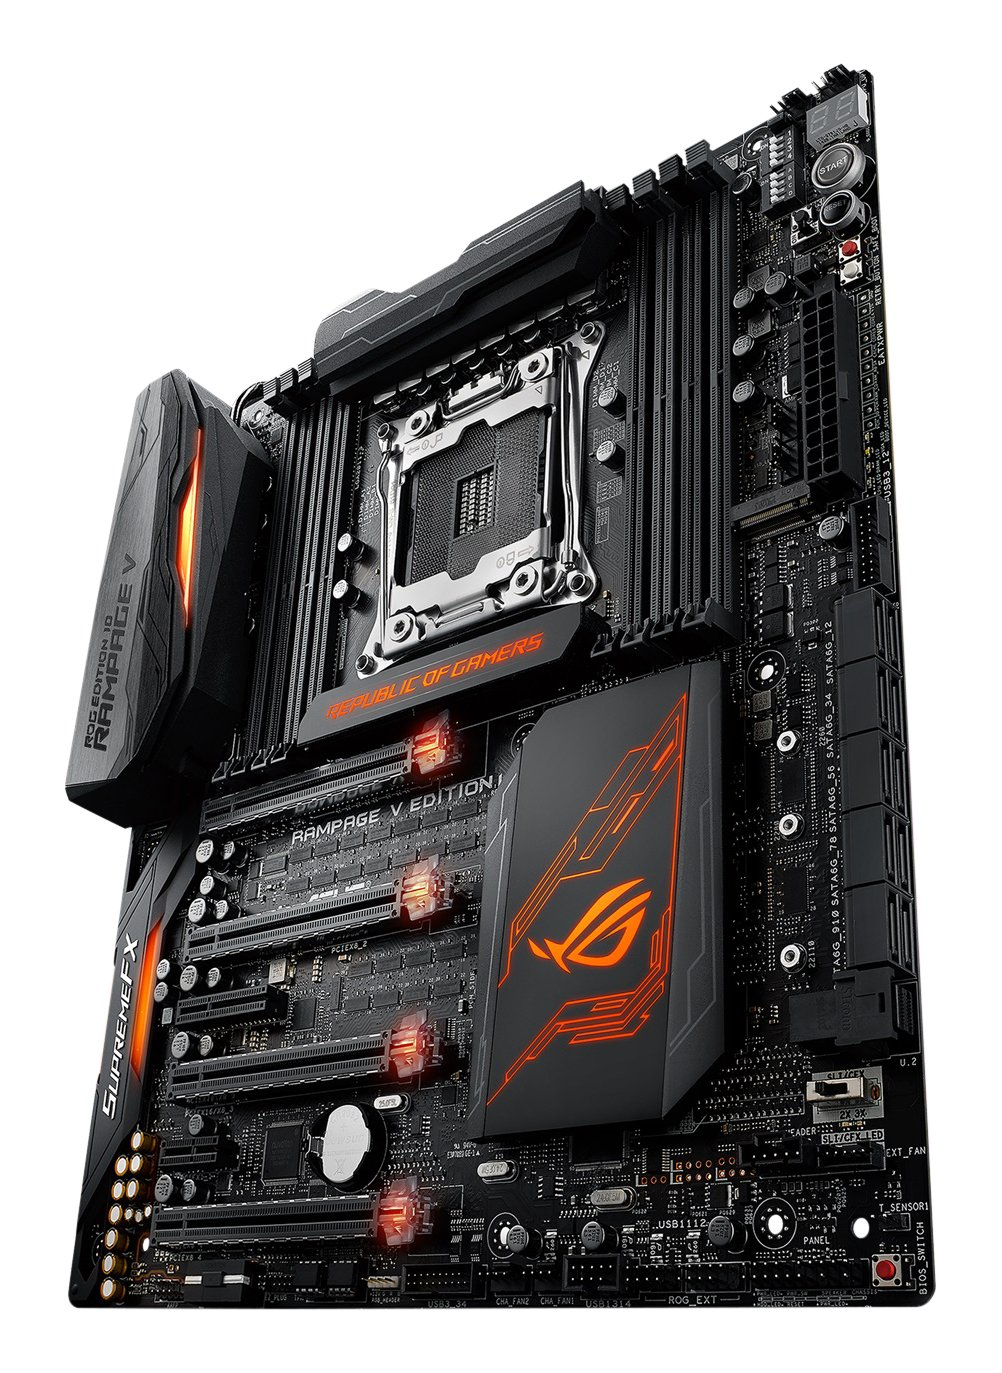 ASUSTeK R.O.G. Intel X99搭載 マザーボード